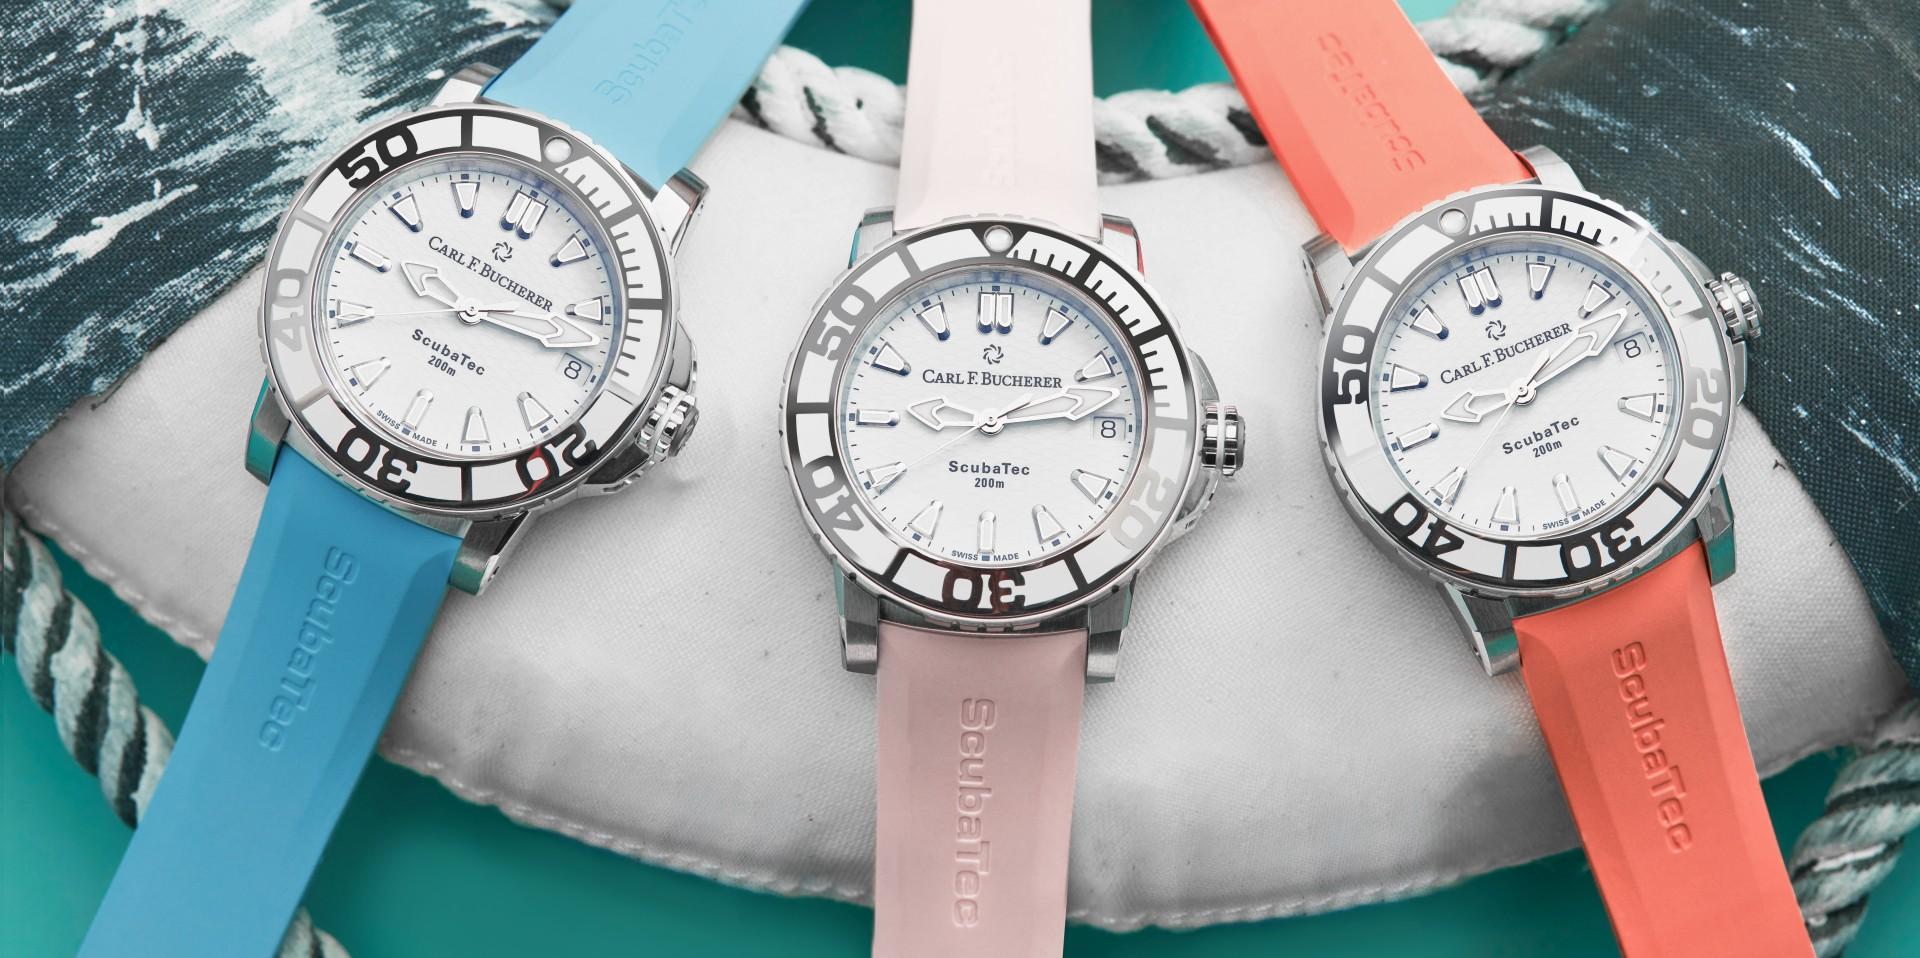 寶齊萊邀請與柏拉維深潛腕錶一起感恩6月8日「世界海洋日」